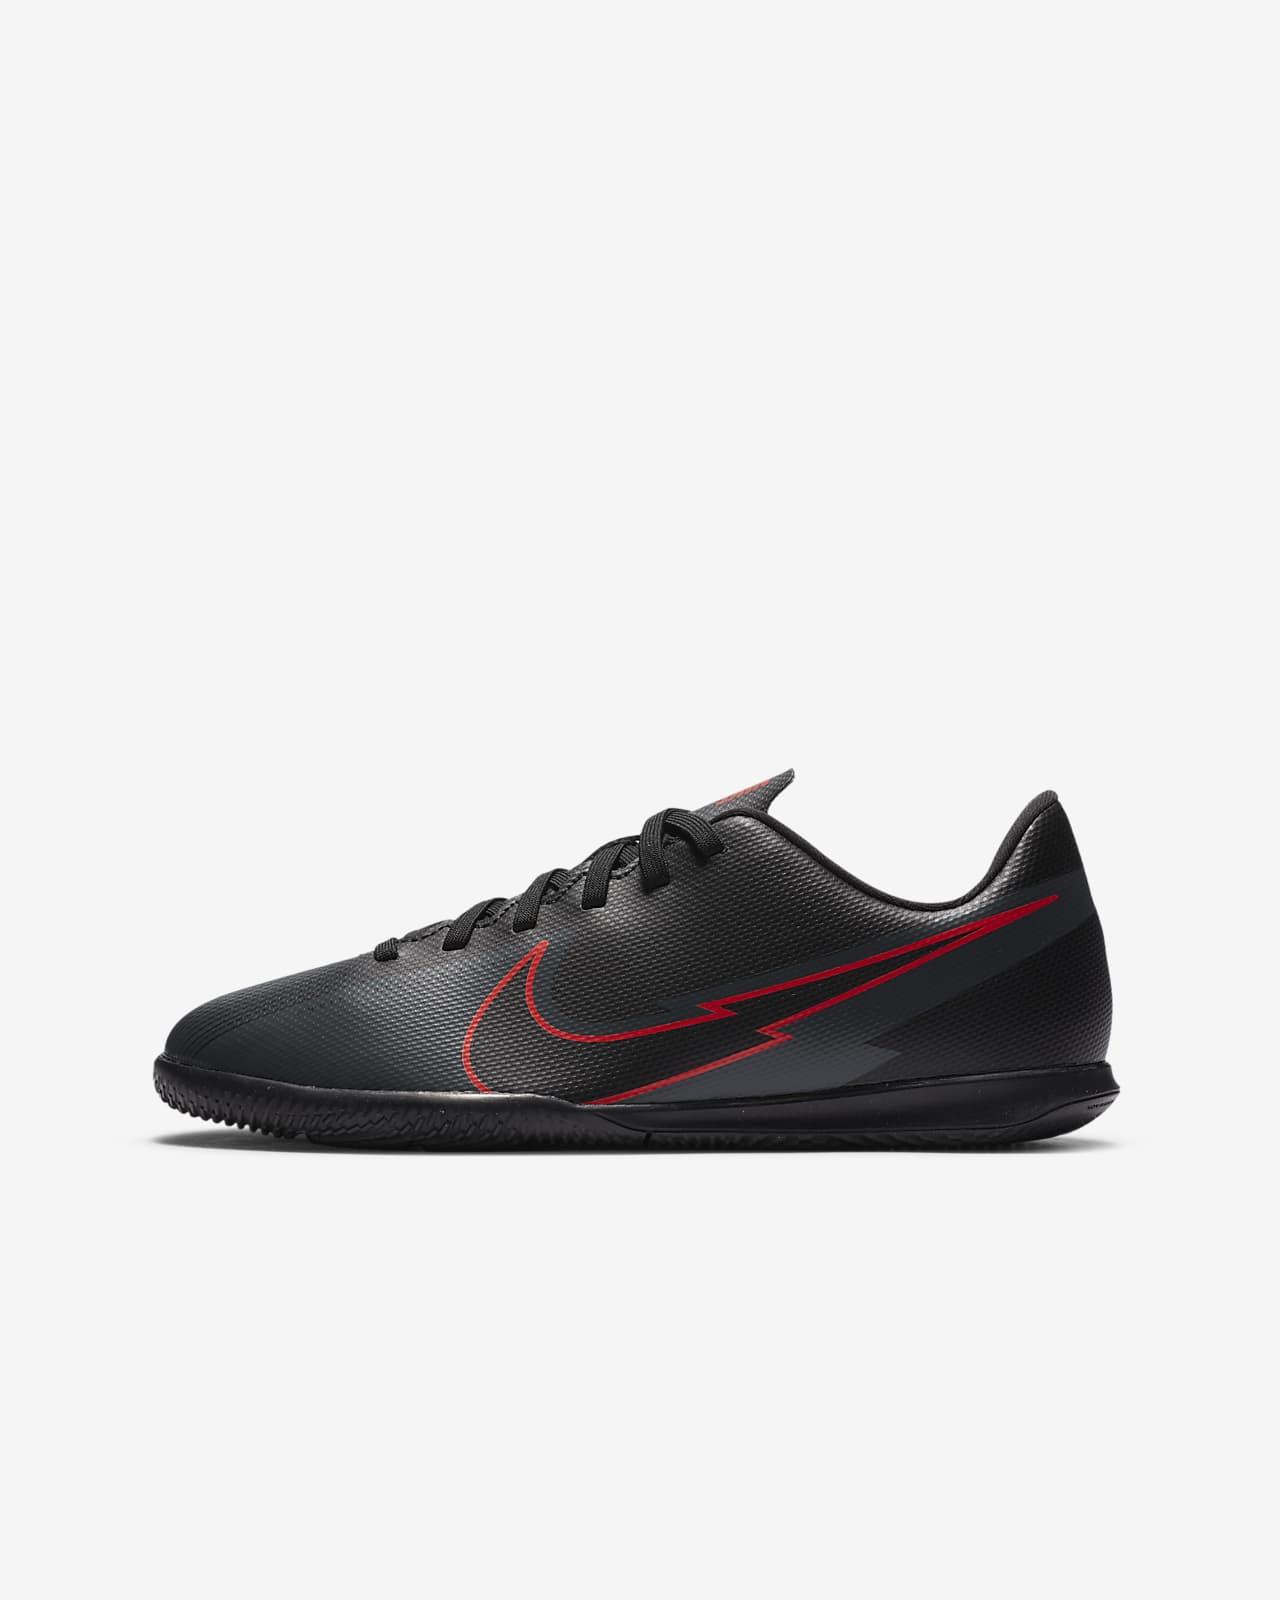 Nike Jr. Mercurial Vapor 13 Club IC Fußballschuh für Hallen- und Hartplätze für jüngere/ältere Kinder